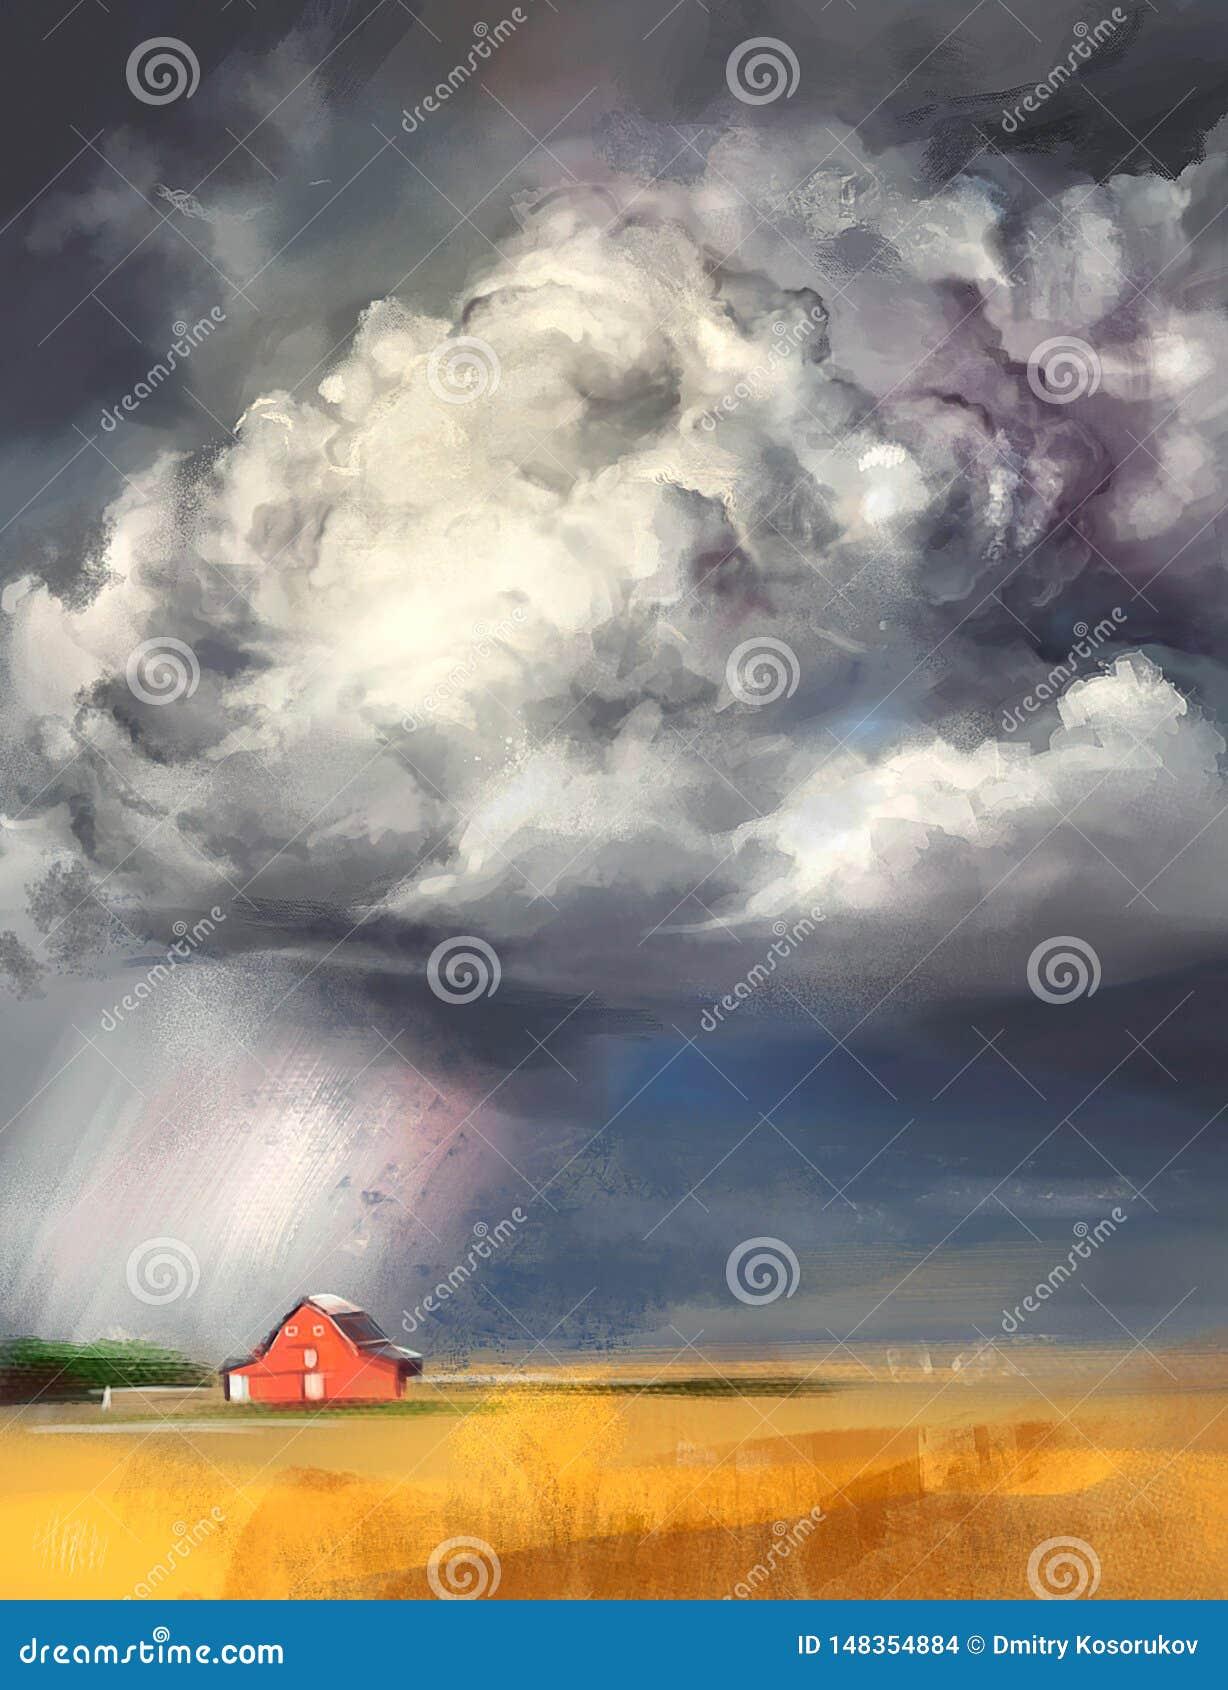 Illustratie van een onweersbui in een dorp